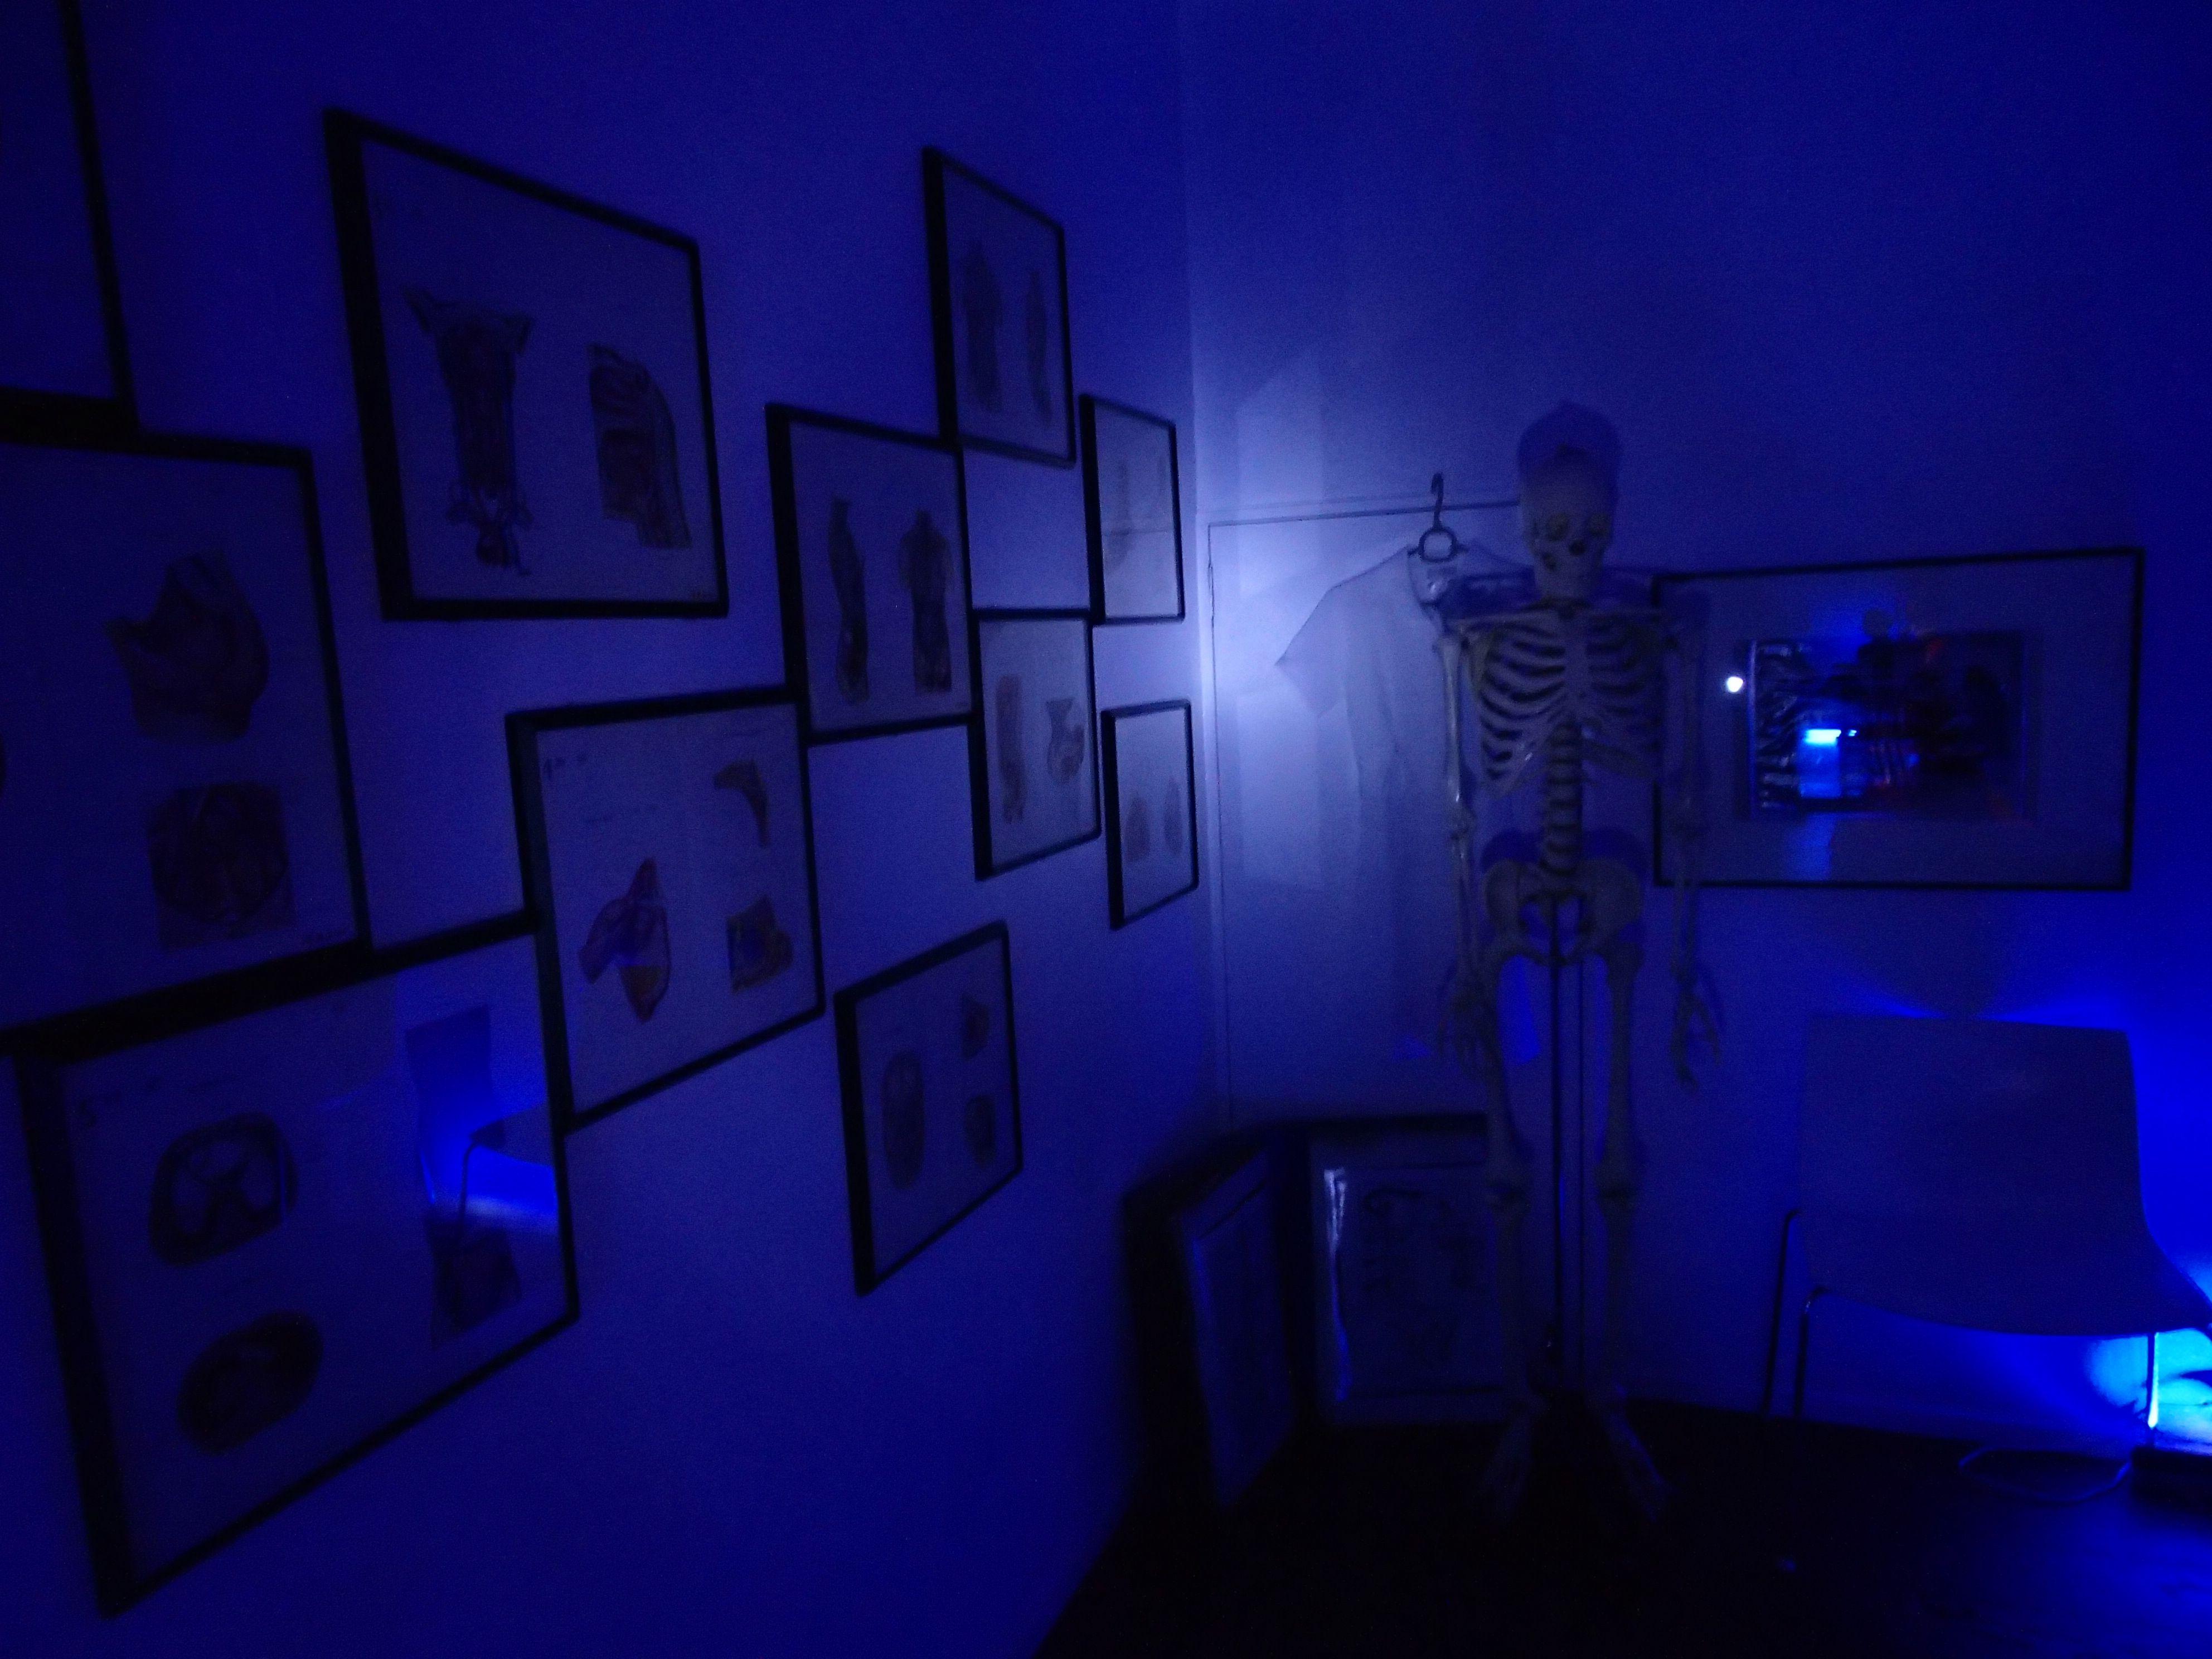 医療器具展@ギャラリー新宿座~メス・ハサミ・注射器・人体模型・骨格標本……医療現場をサポートする器具の魅力を堪能できる展覧会~